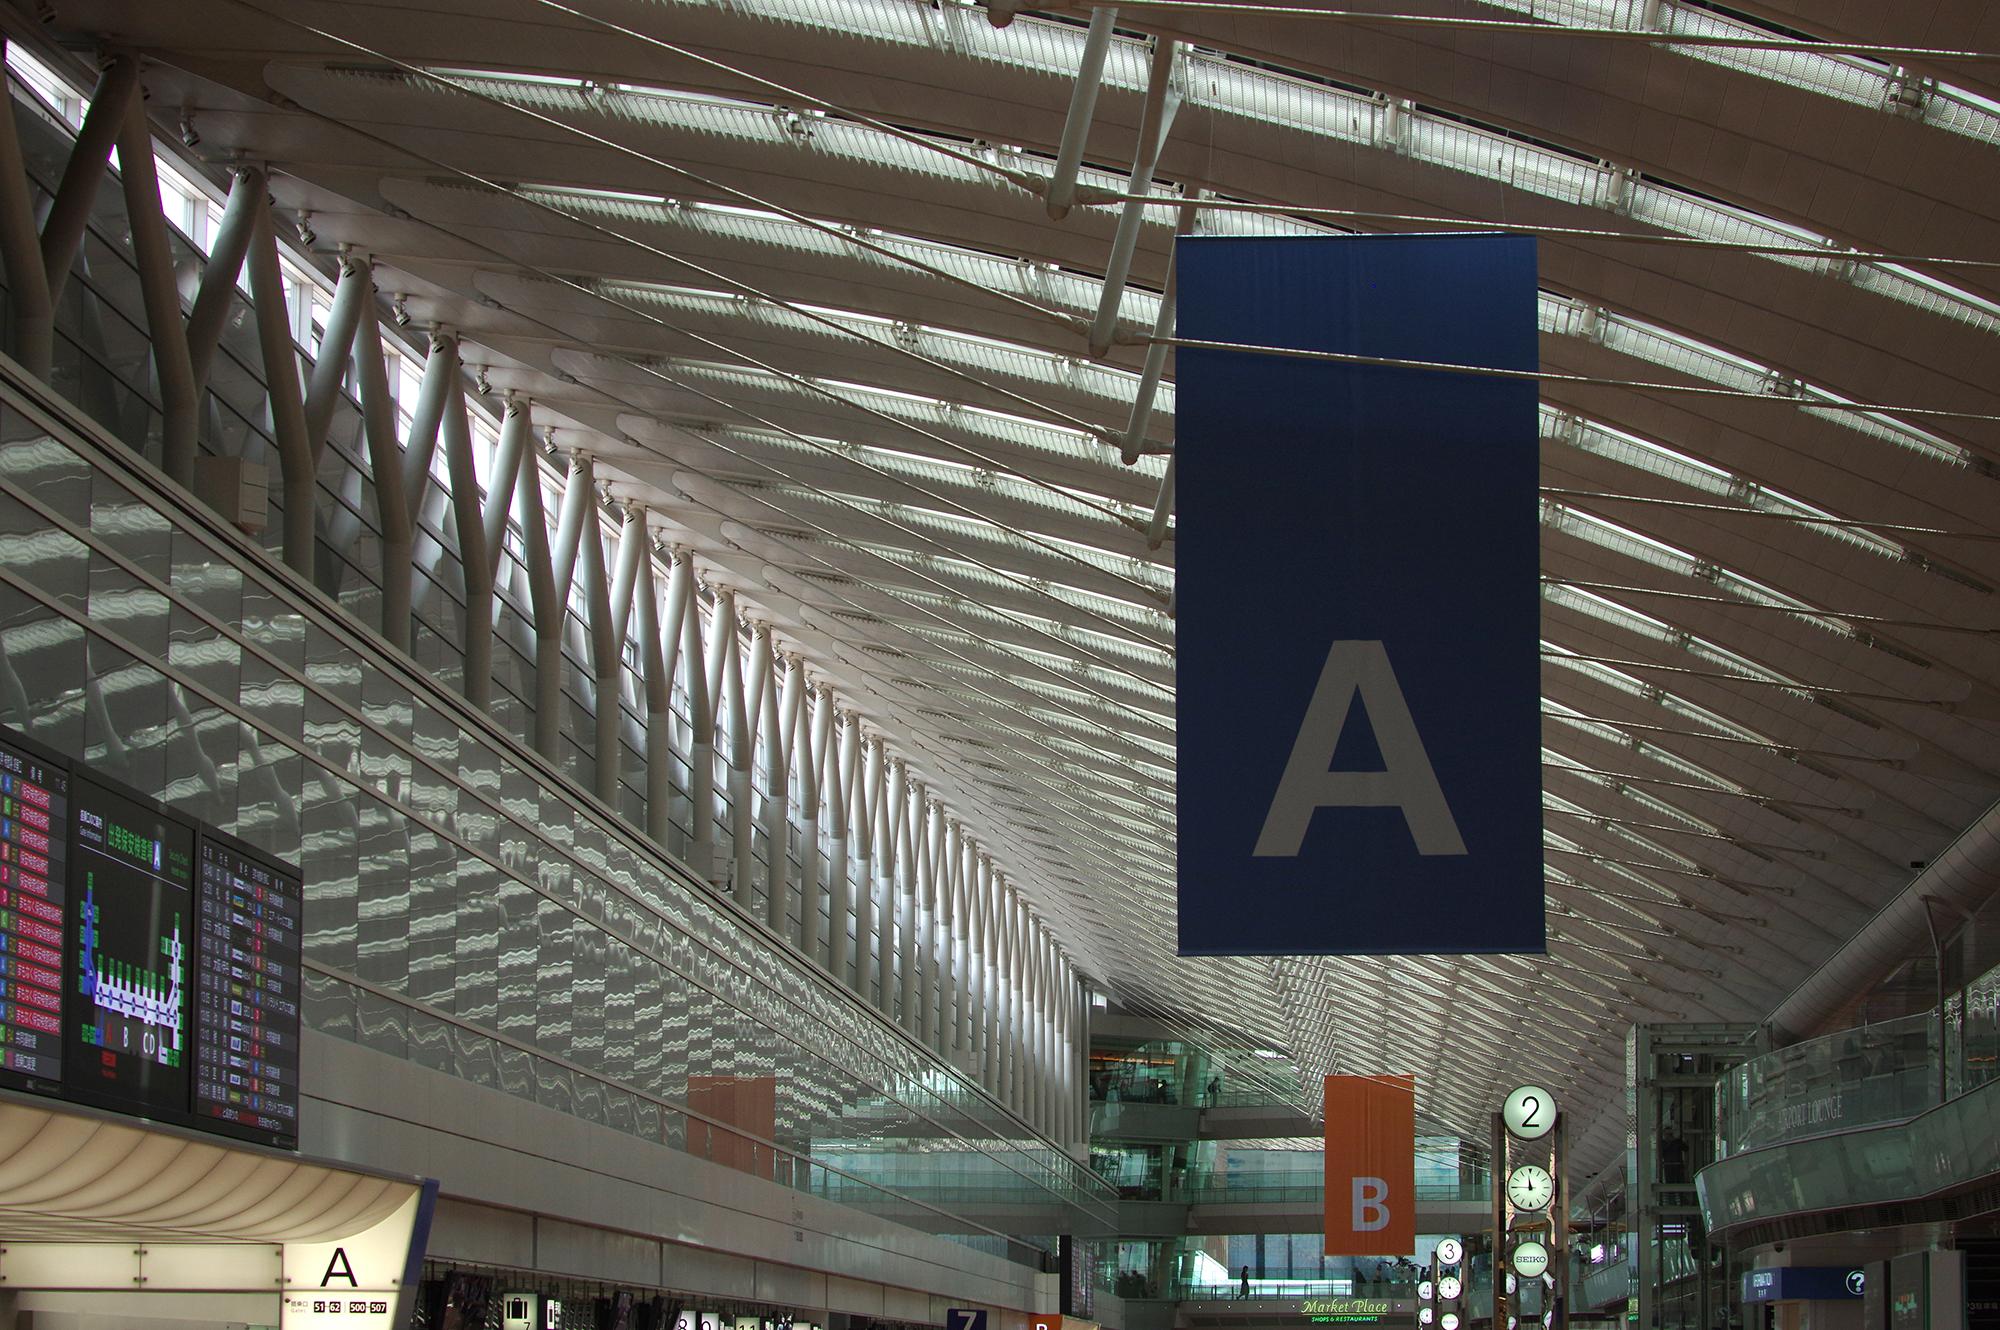 [ドローン法解説] 空港周辺でも申請不要の空域とは?制限図面の中身を徹底図解【ドローン規制】